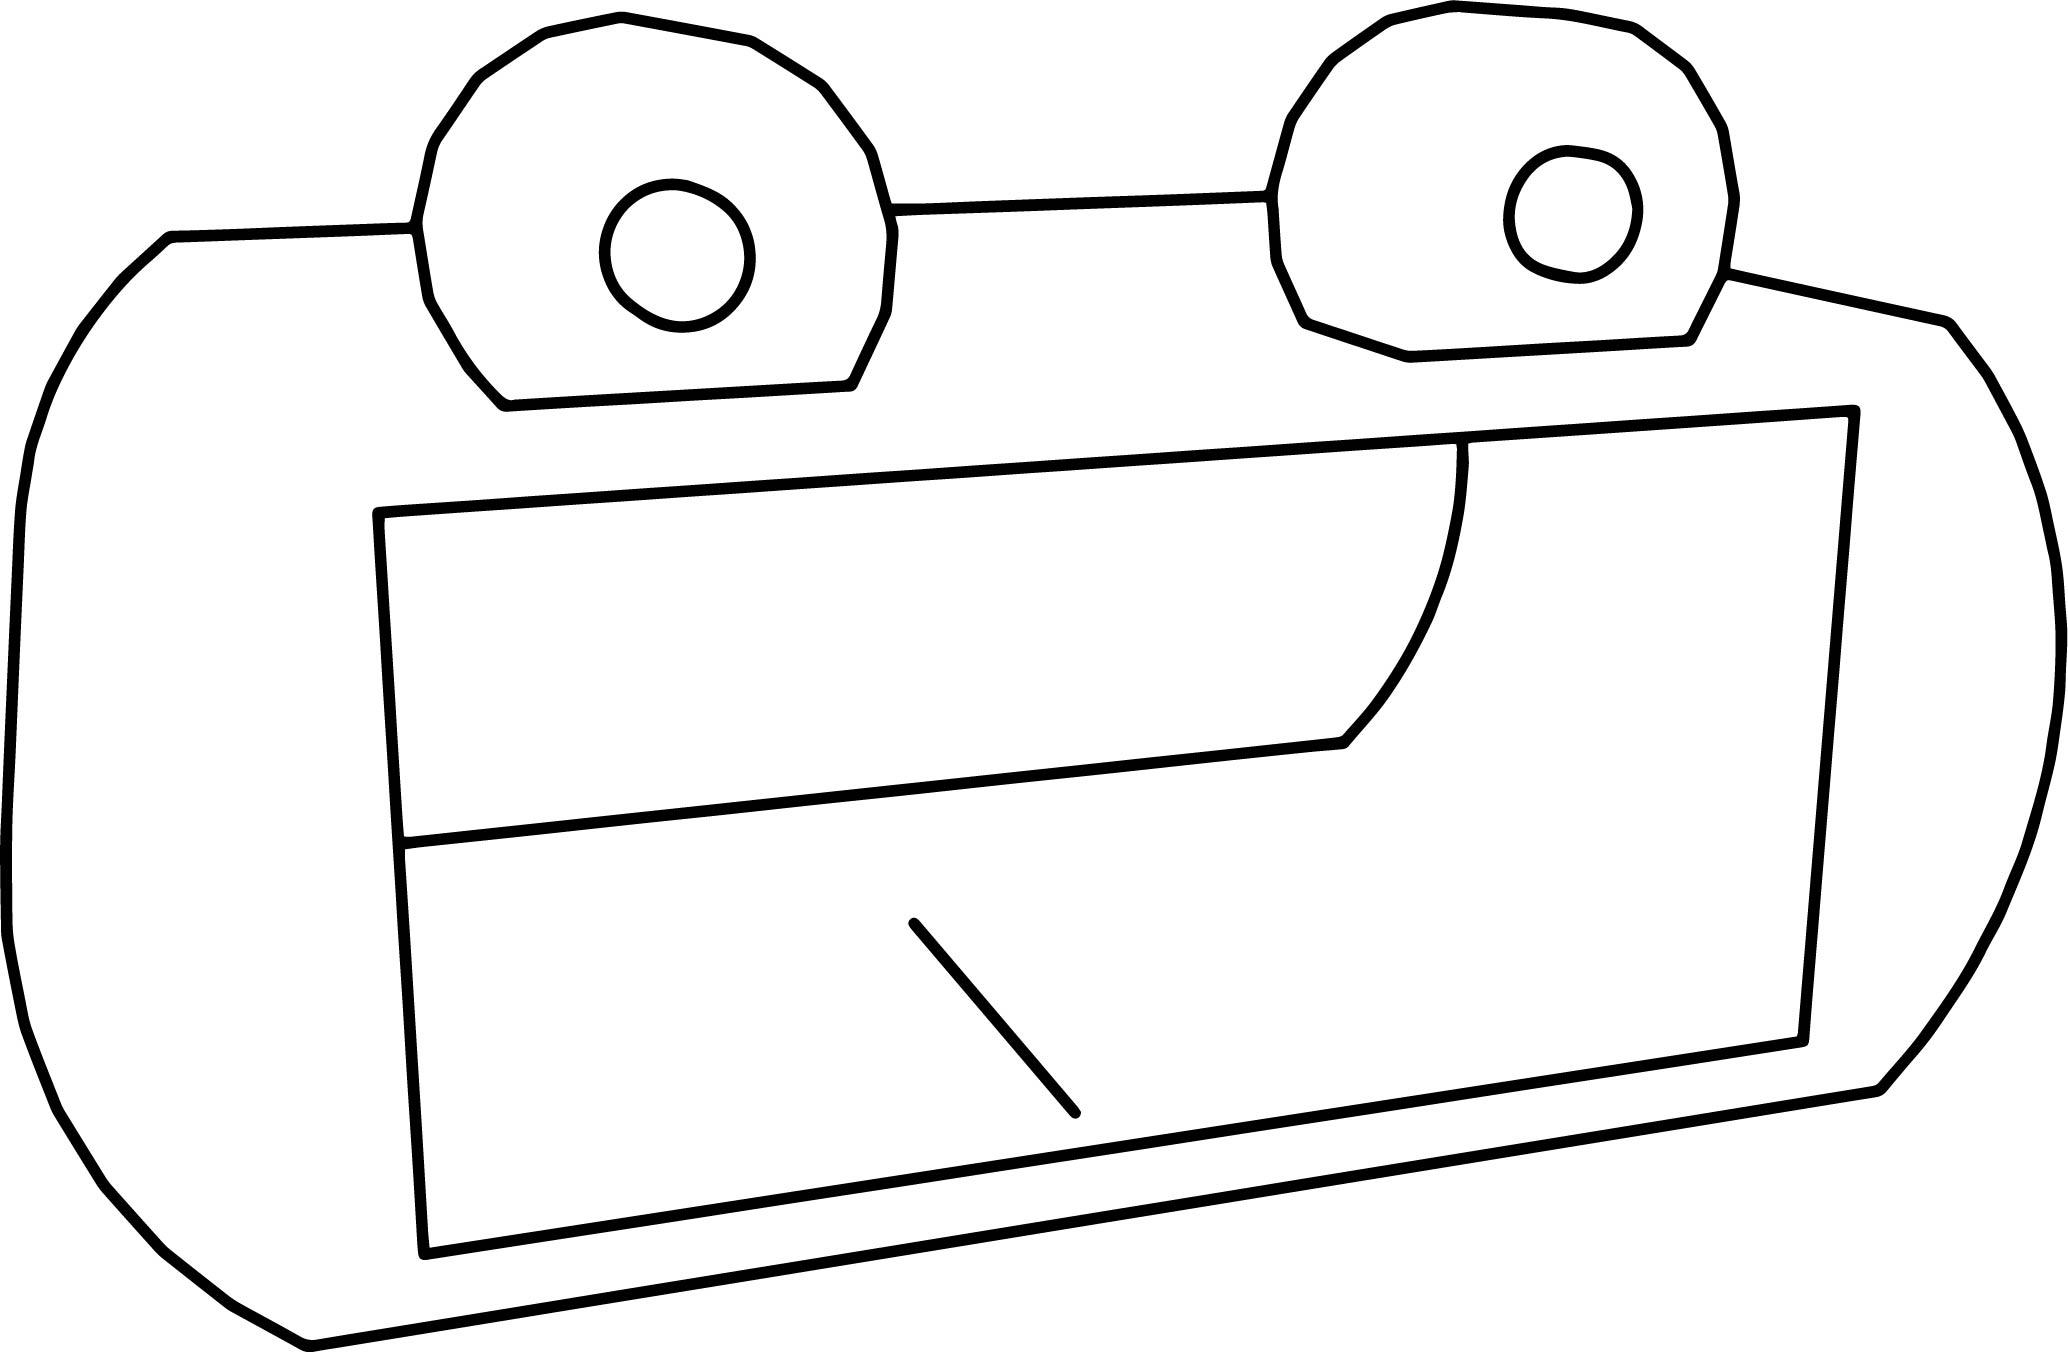 Cartoon Rectrangle Frog Head Coloring Page